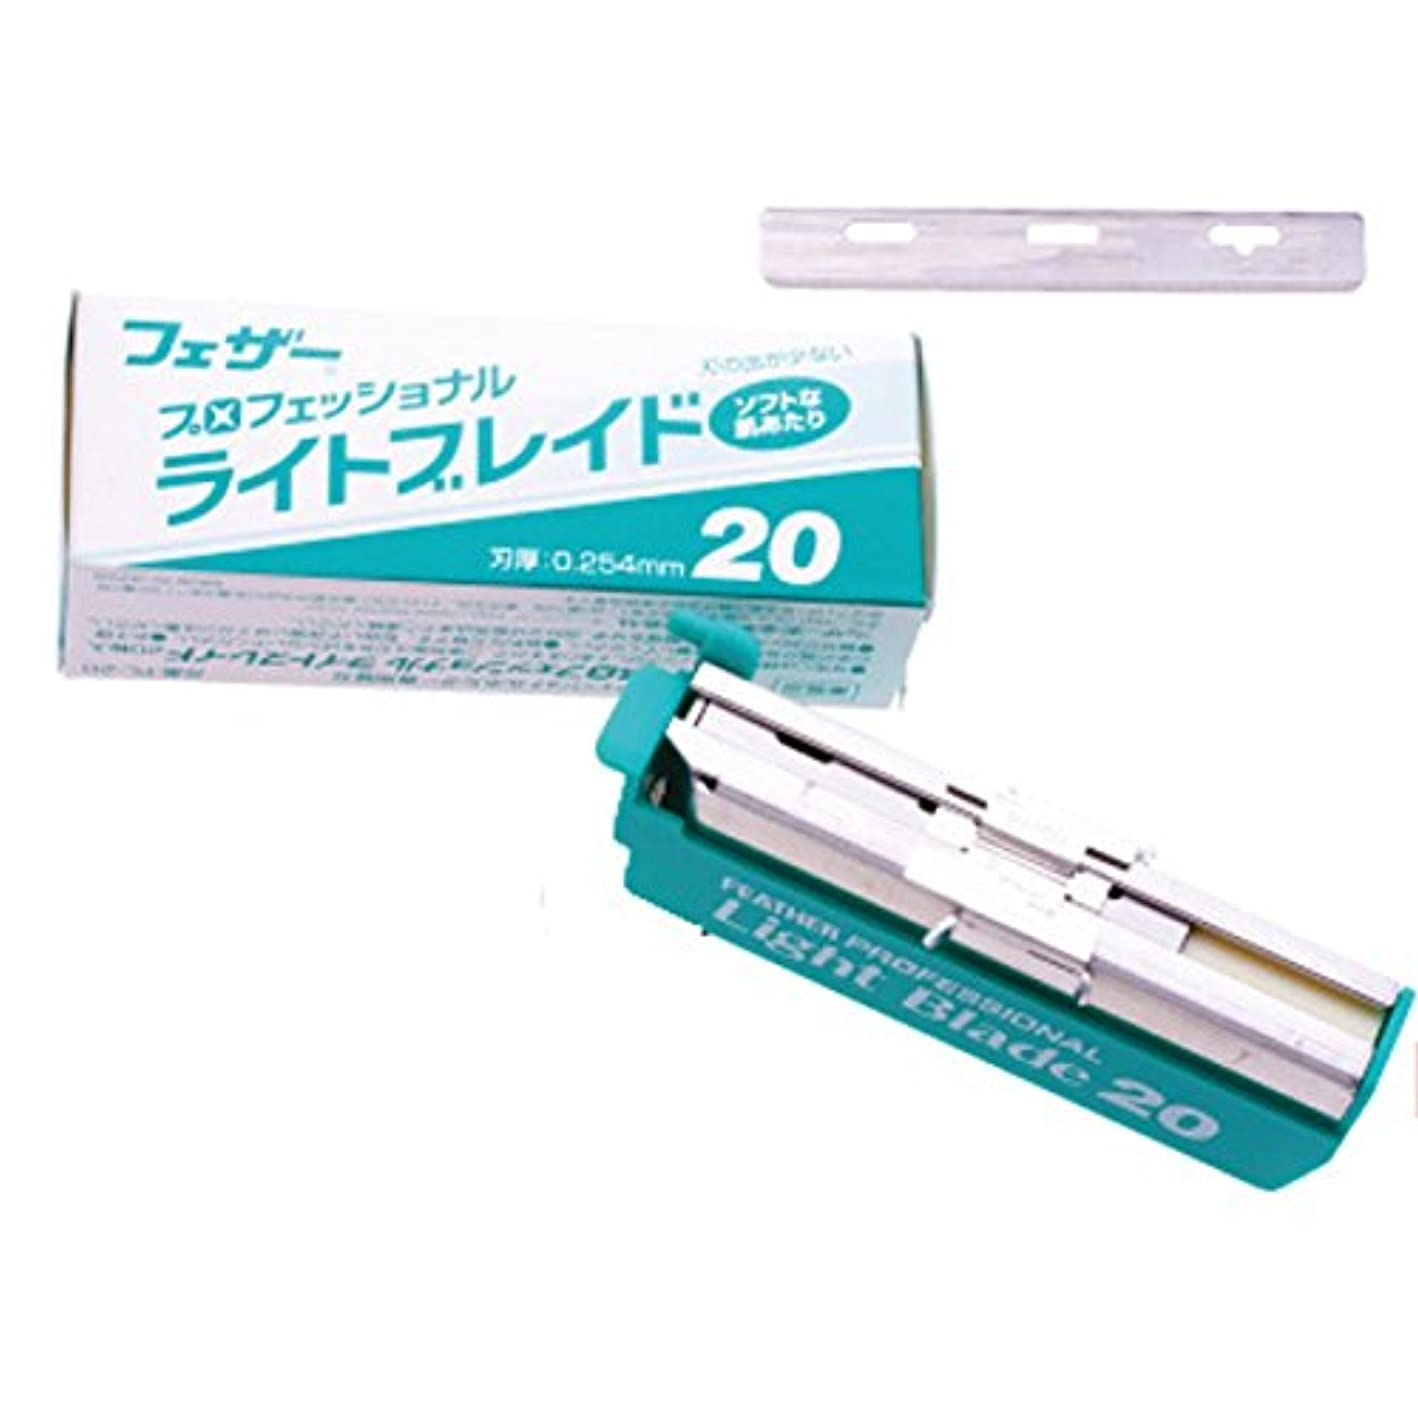 候補者高潔な有益【5個パック】フェザープロフェッショナルブレイド ライトブレイド 20枚入 (刃厚0.254mm)